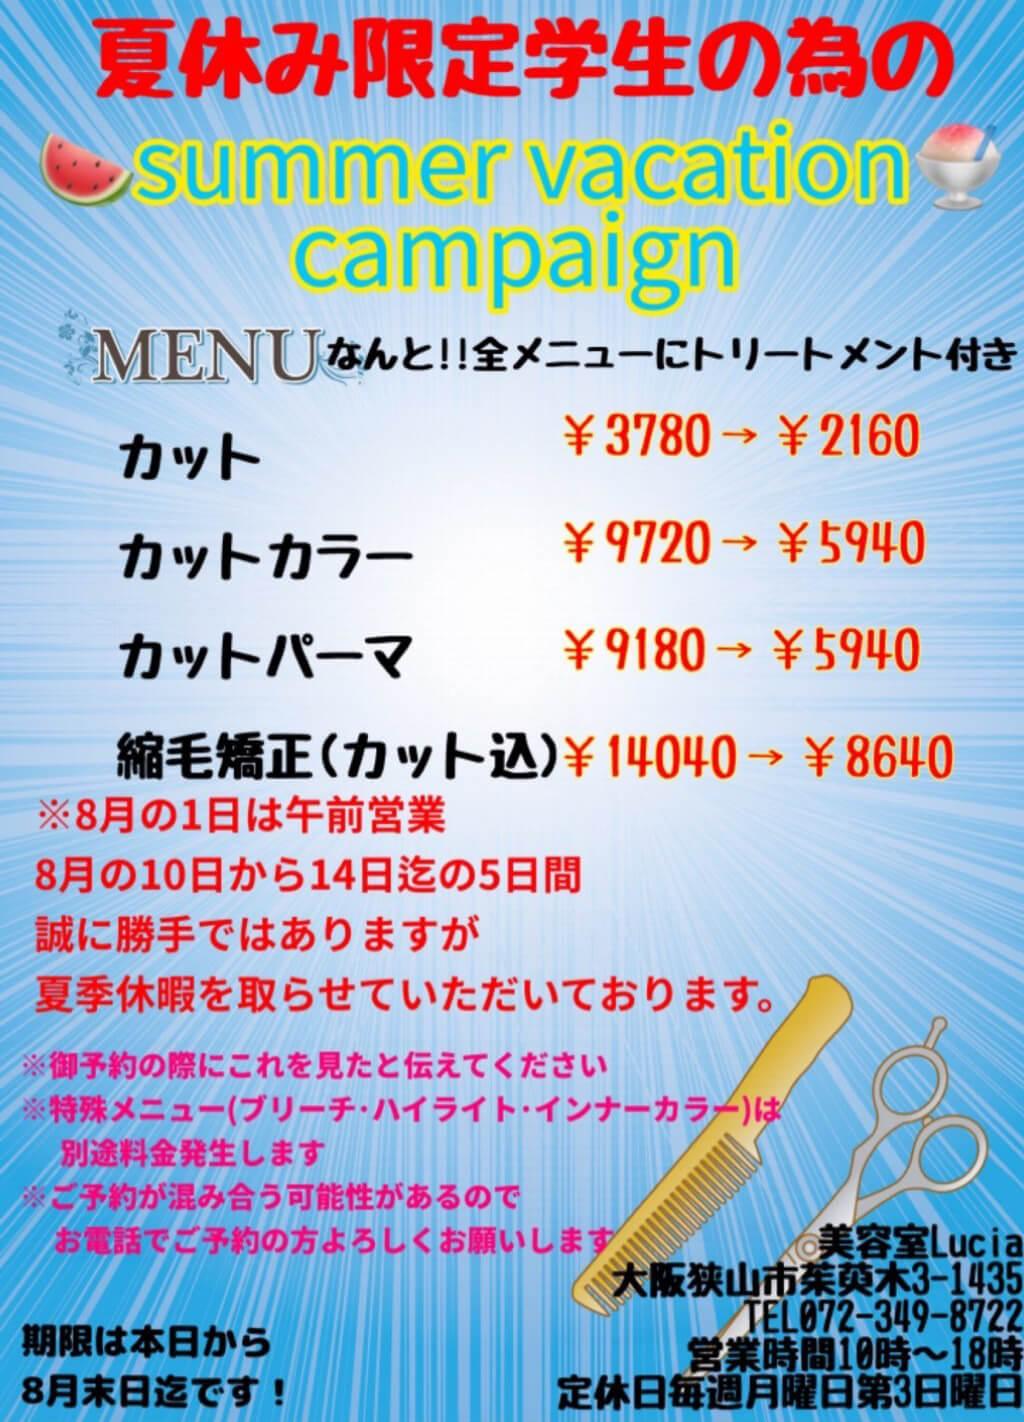 【学生の為の】夏休み限定キャンペーンが、美容室「Lucia(ルシア)」で2019年7月17日から8月31日まで開催